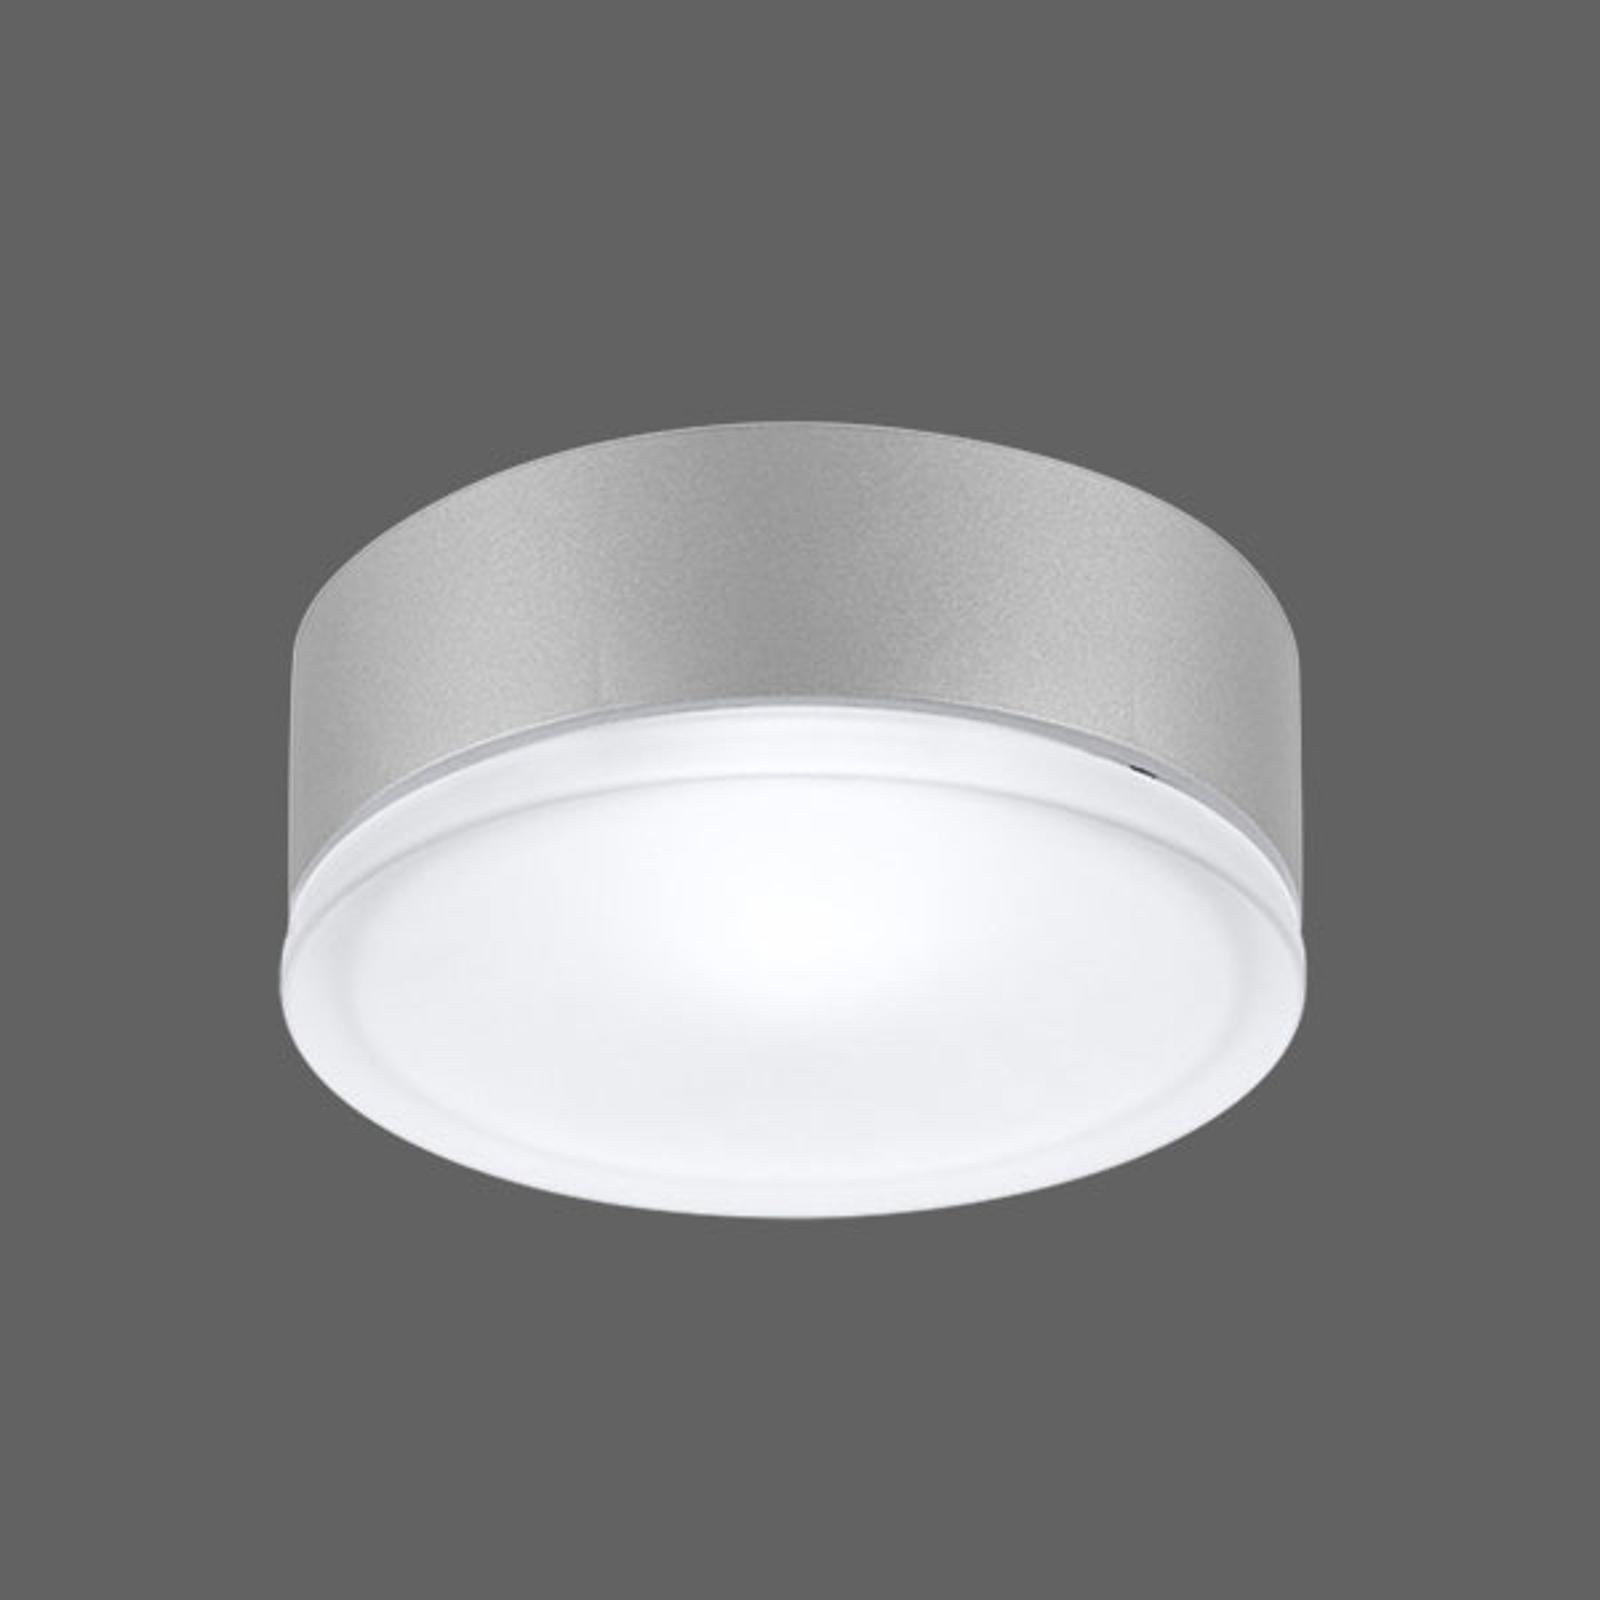 Effectieve wandlamp Drop 22 LED grijs 3.000K